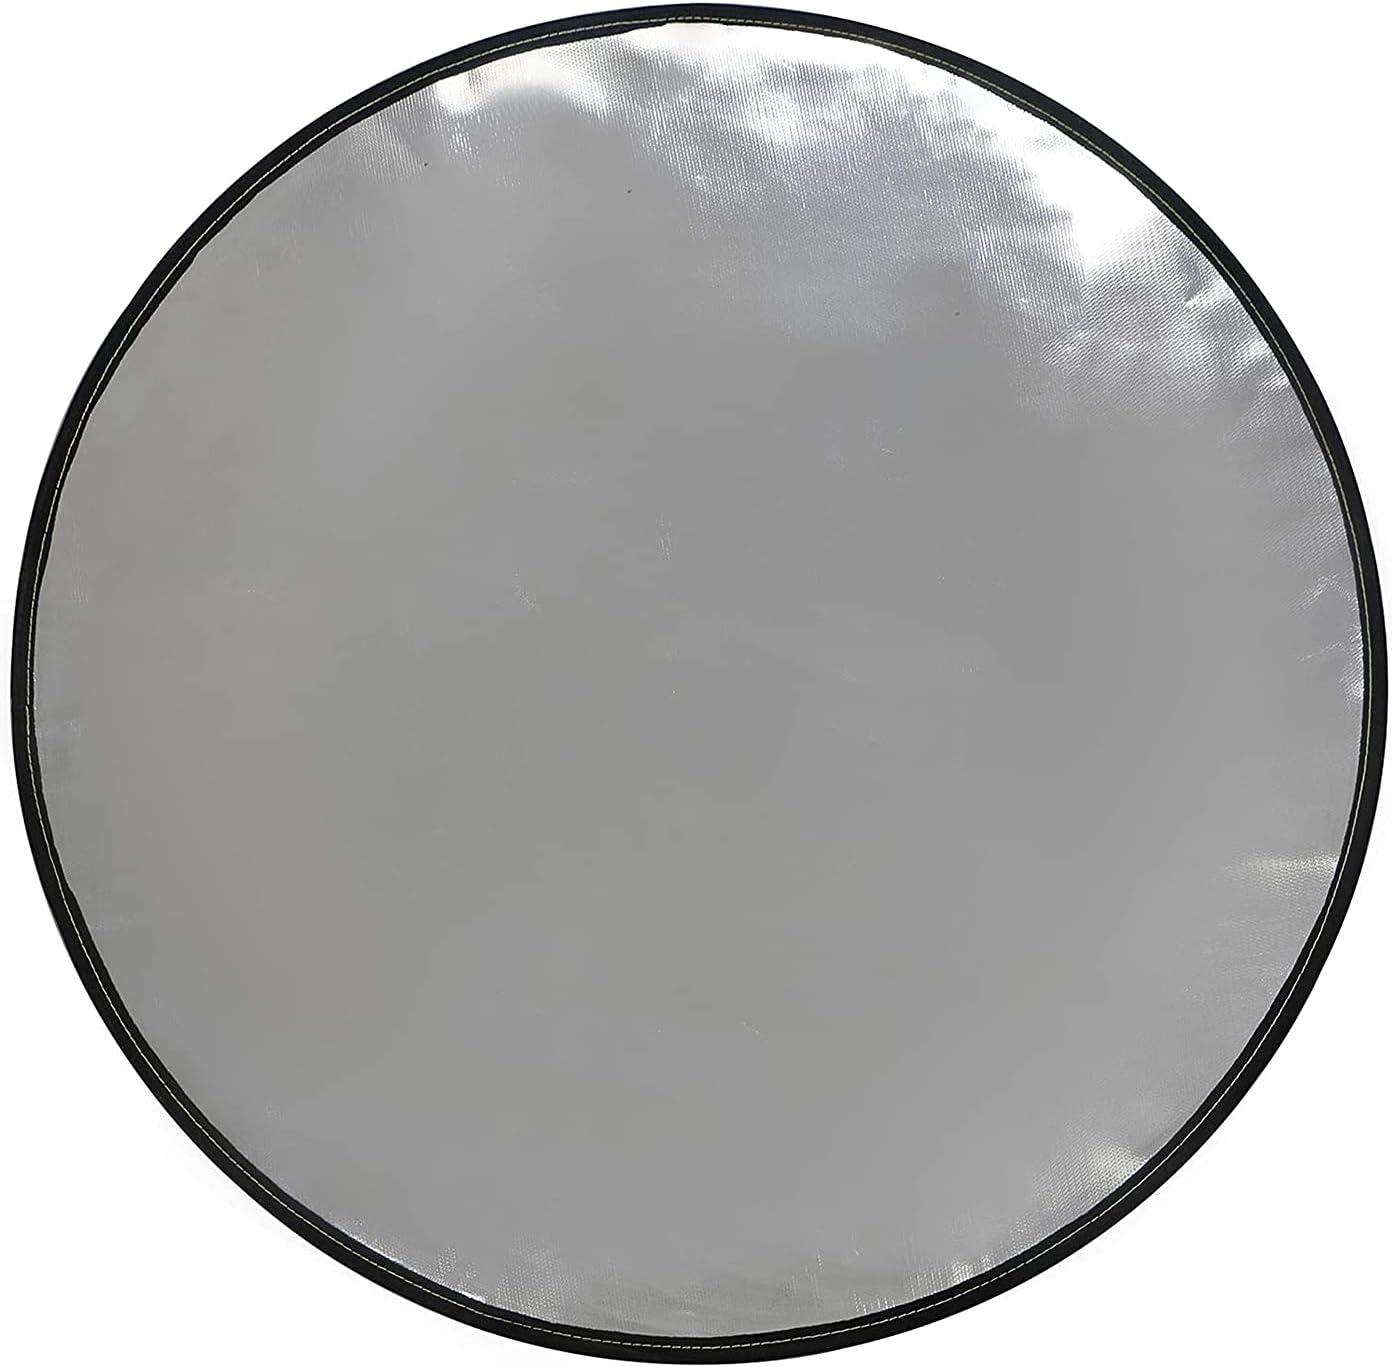 Cubierta de protección para exteriores resistente al calor duradera Fácil de limpiar, almohadilla a prueba de fuego portátil impermeable para cubierta, césped, hormigón, piedra, debajo de la estufa